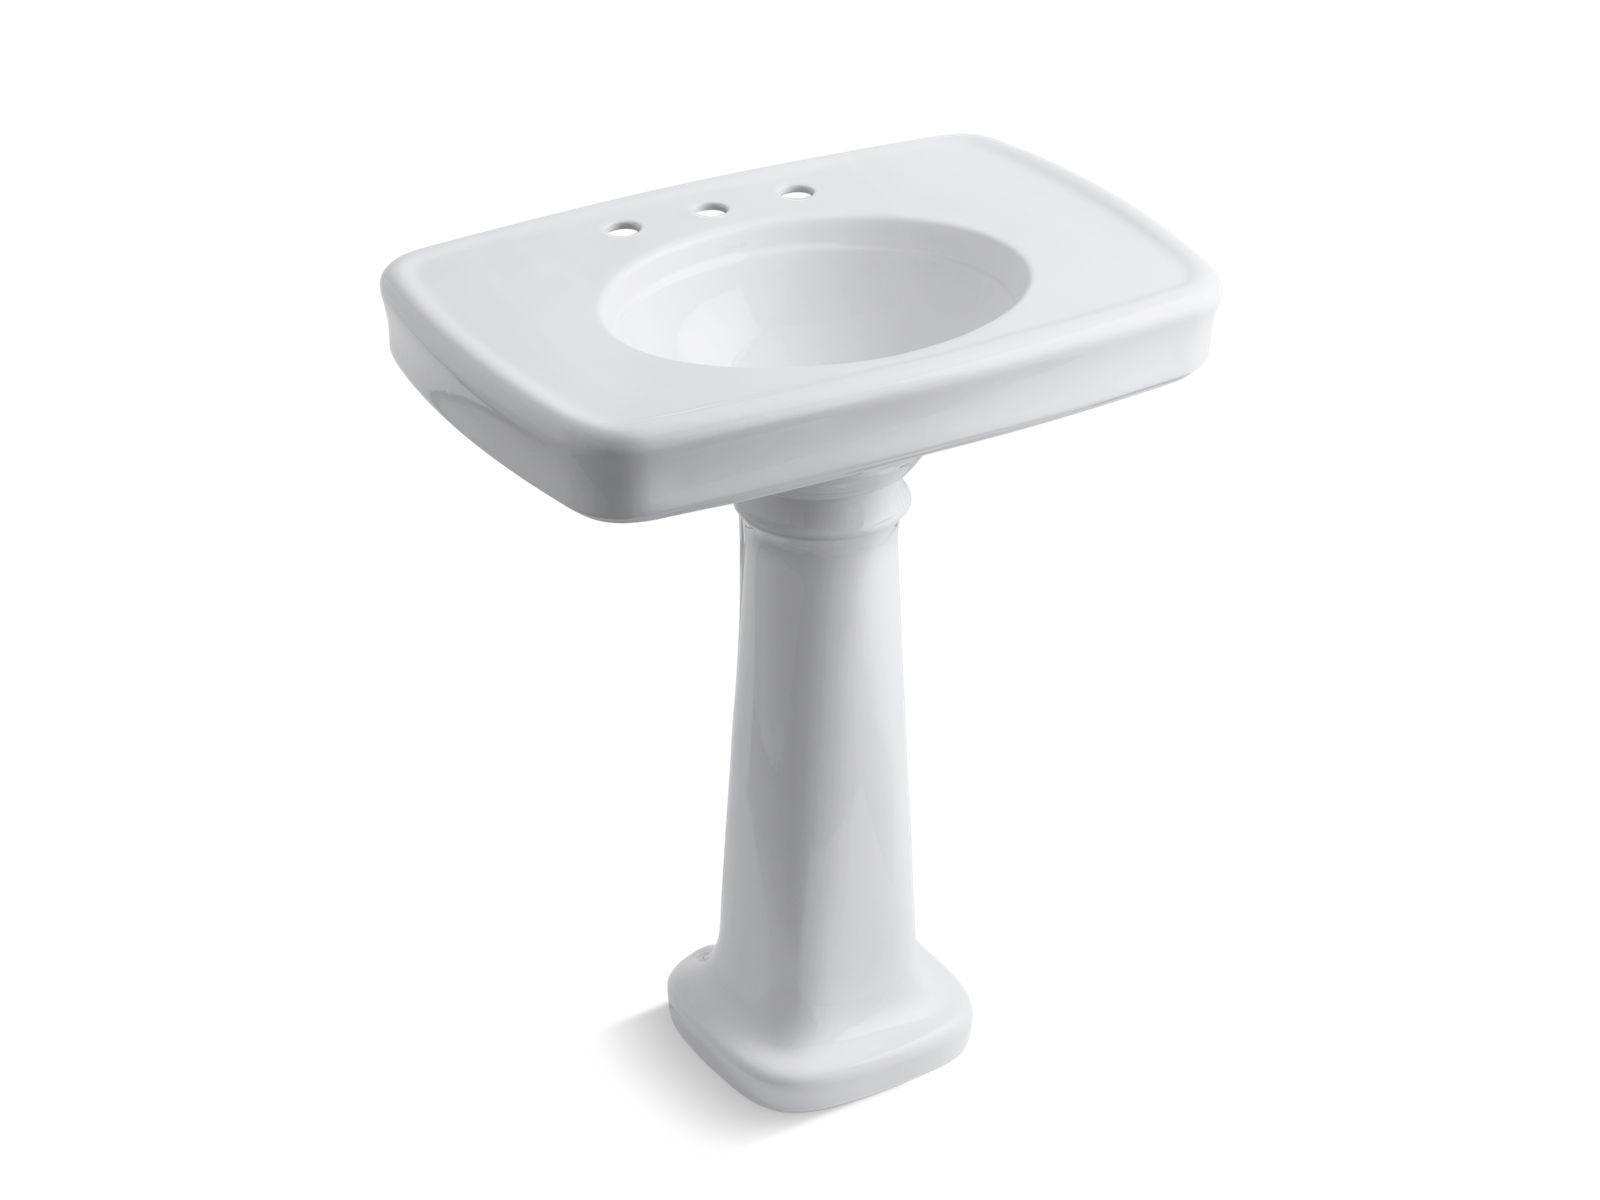 k 2347 8 bancroft pedestal sink with 8 inch centers kohler